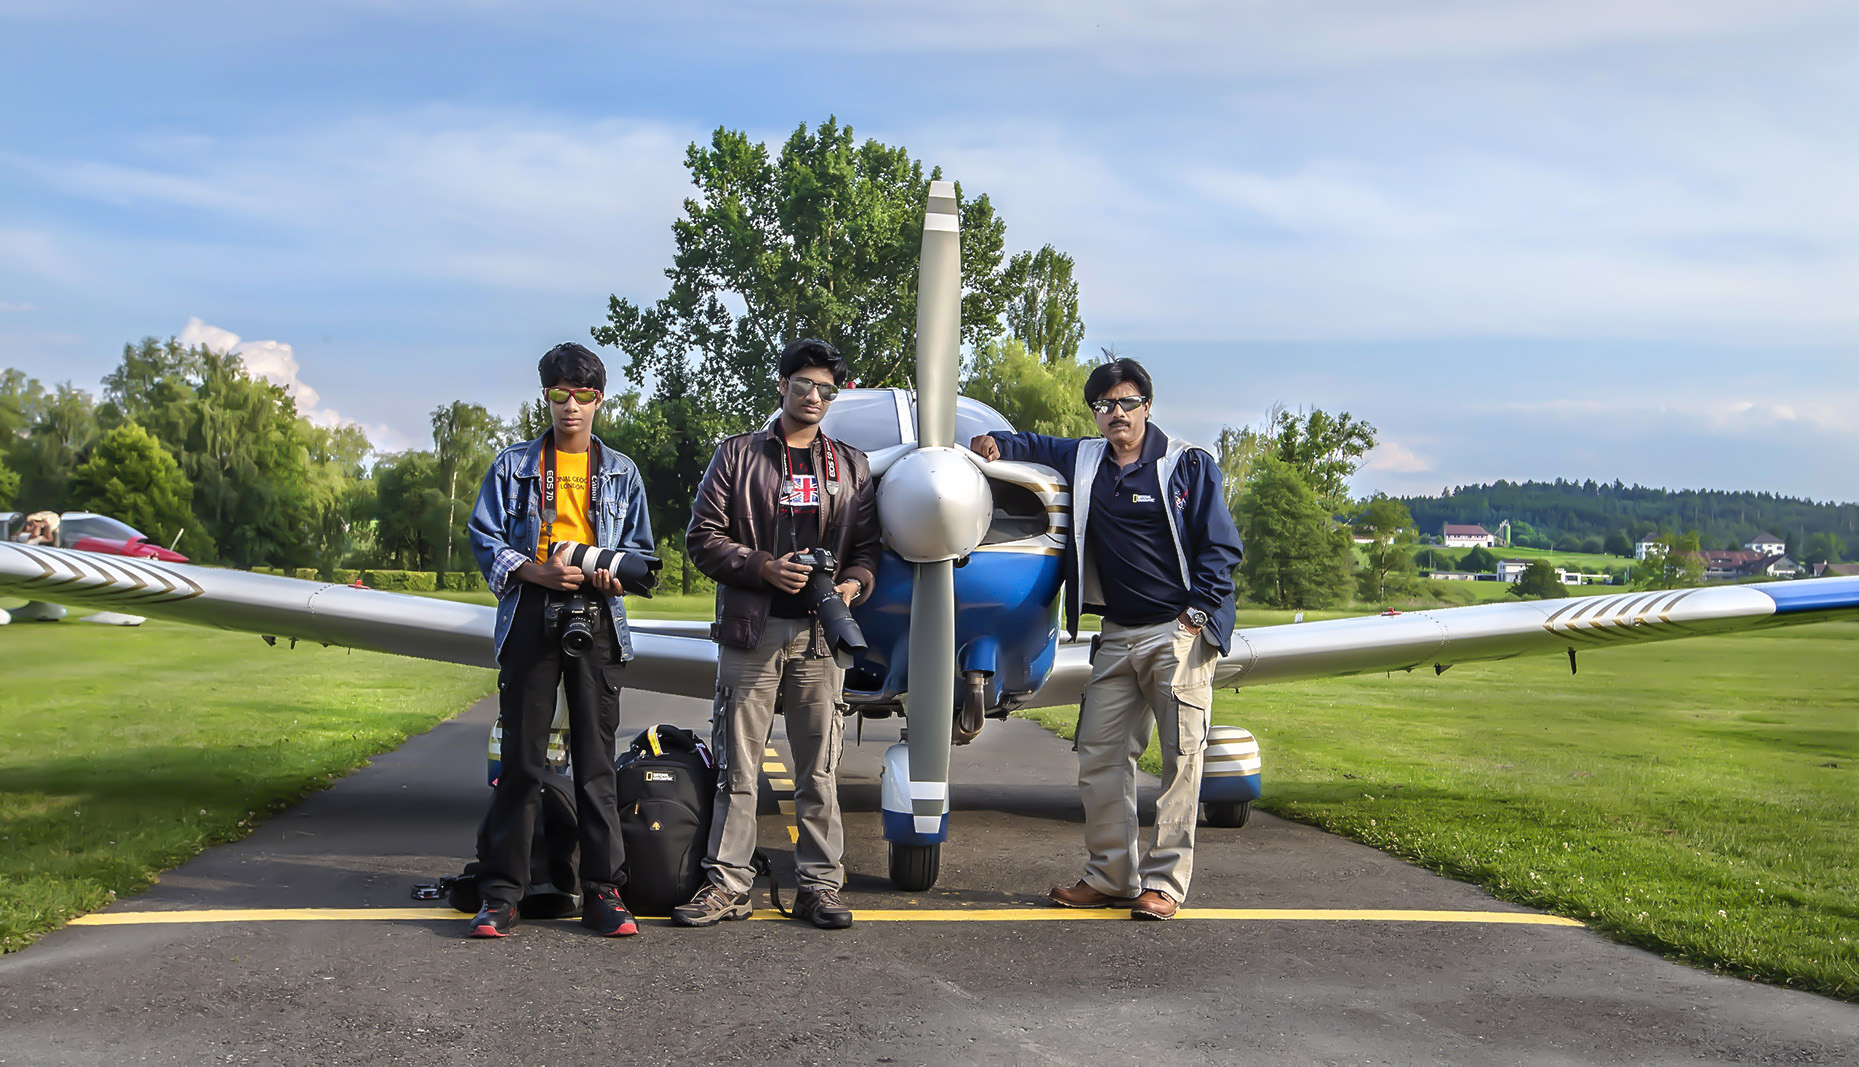 """NITHIN PREMJITH,  JATHIN PREMJITH  &  PREMJITH NARAYANAN  INFRONT  OF  THE  AIRCRAFT  """"PIPER ARCHER II""""."""